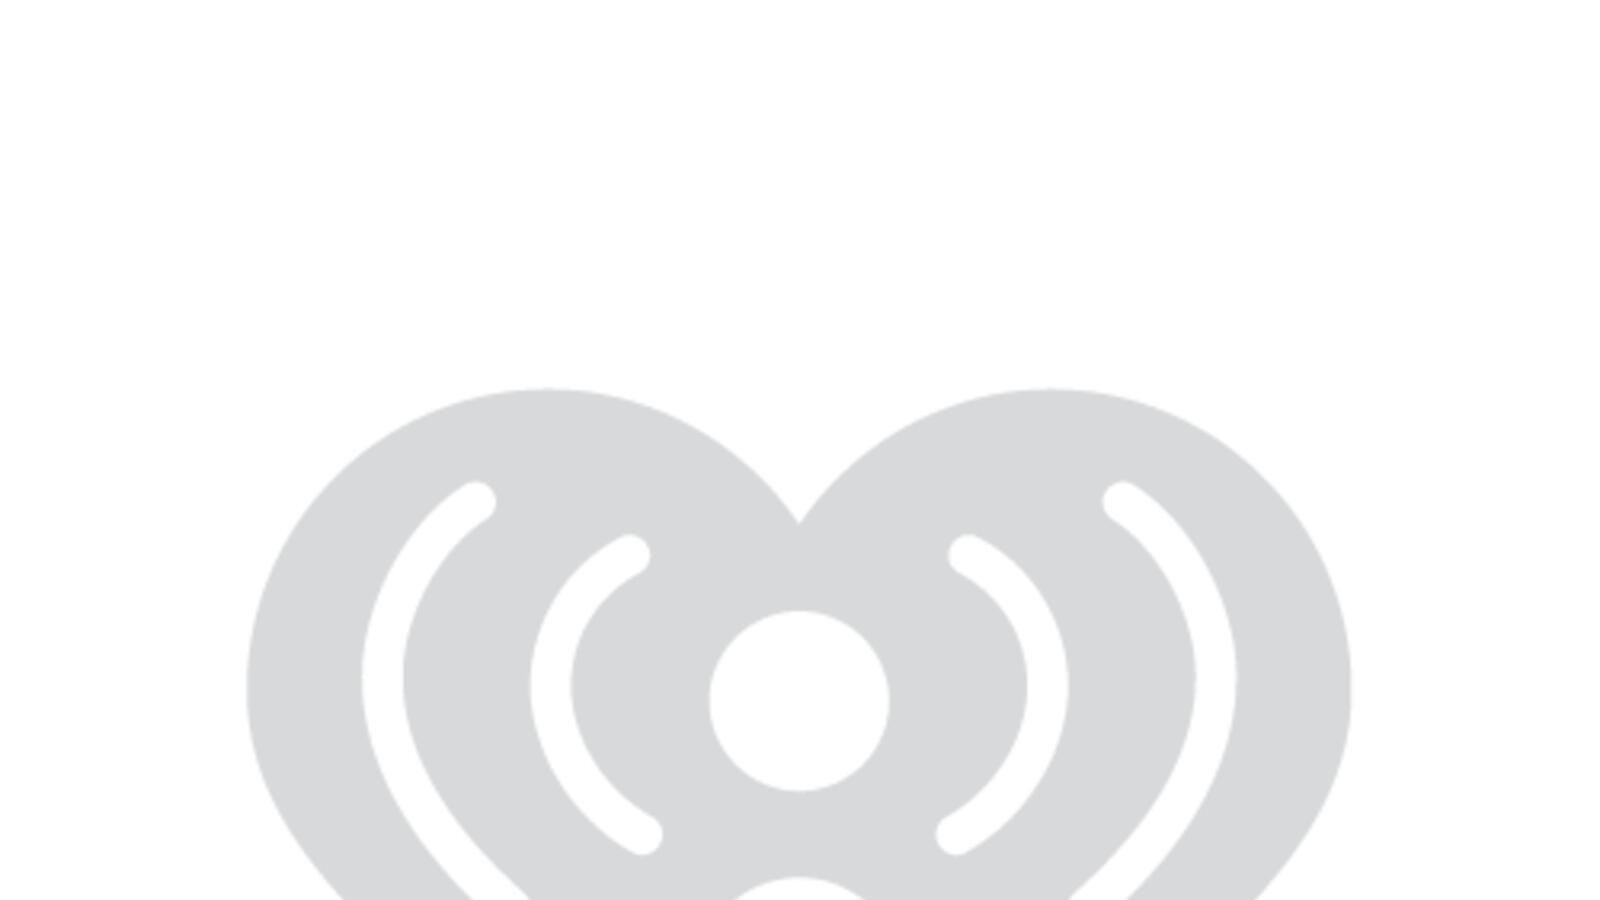 Scott Huesing on Lt. Col. Stuart Scheller Guilty Plea